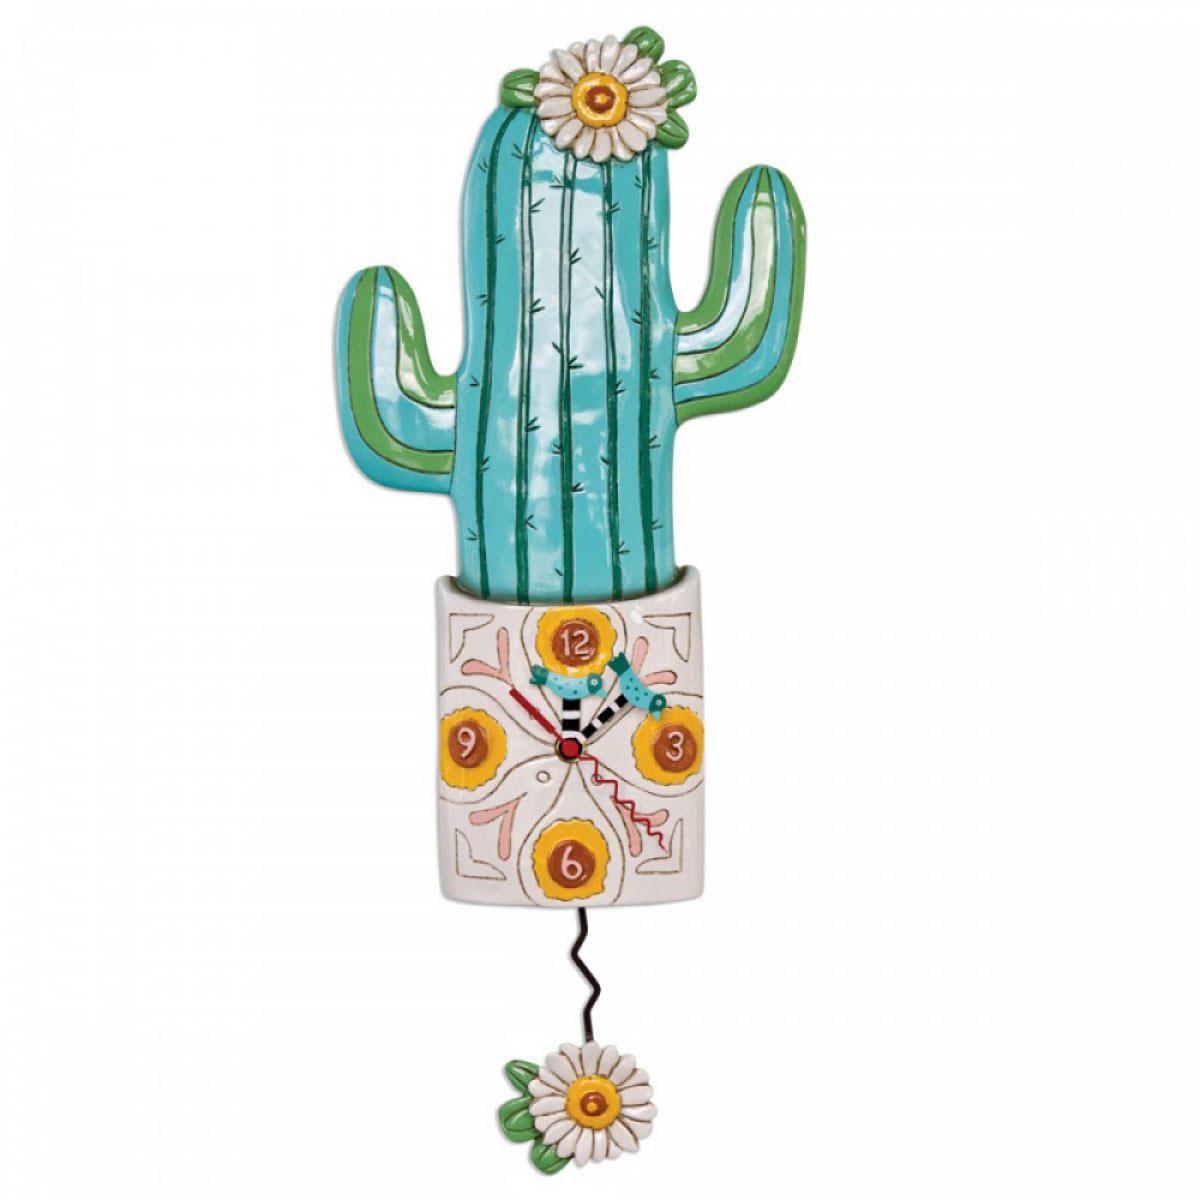 Horloge Murale \'Allen Designs\' vert beige (Cactus) - 48x20 cm - [A2789]